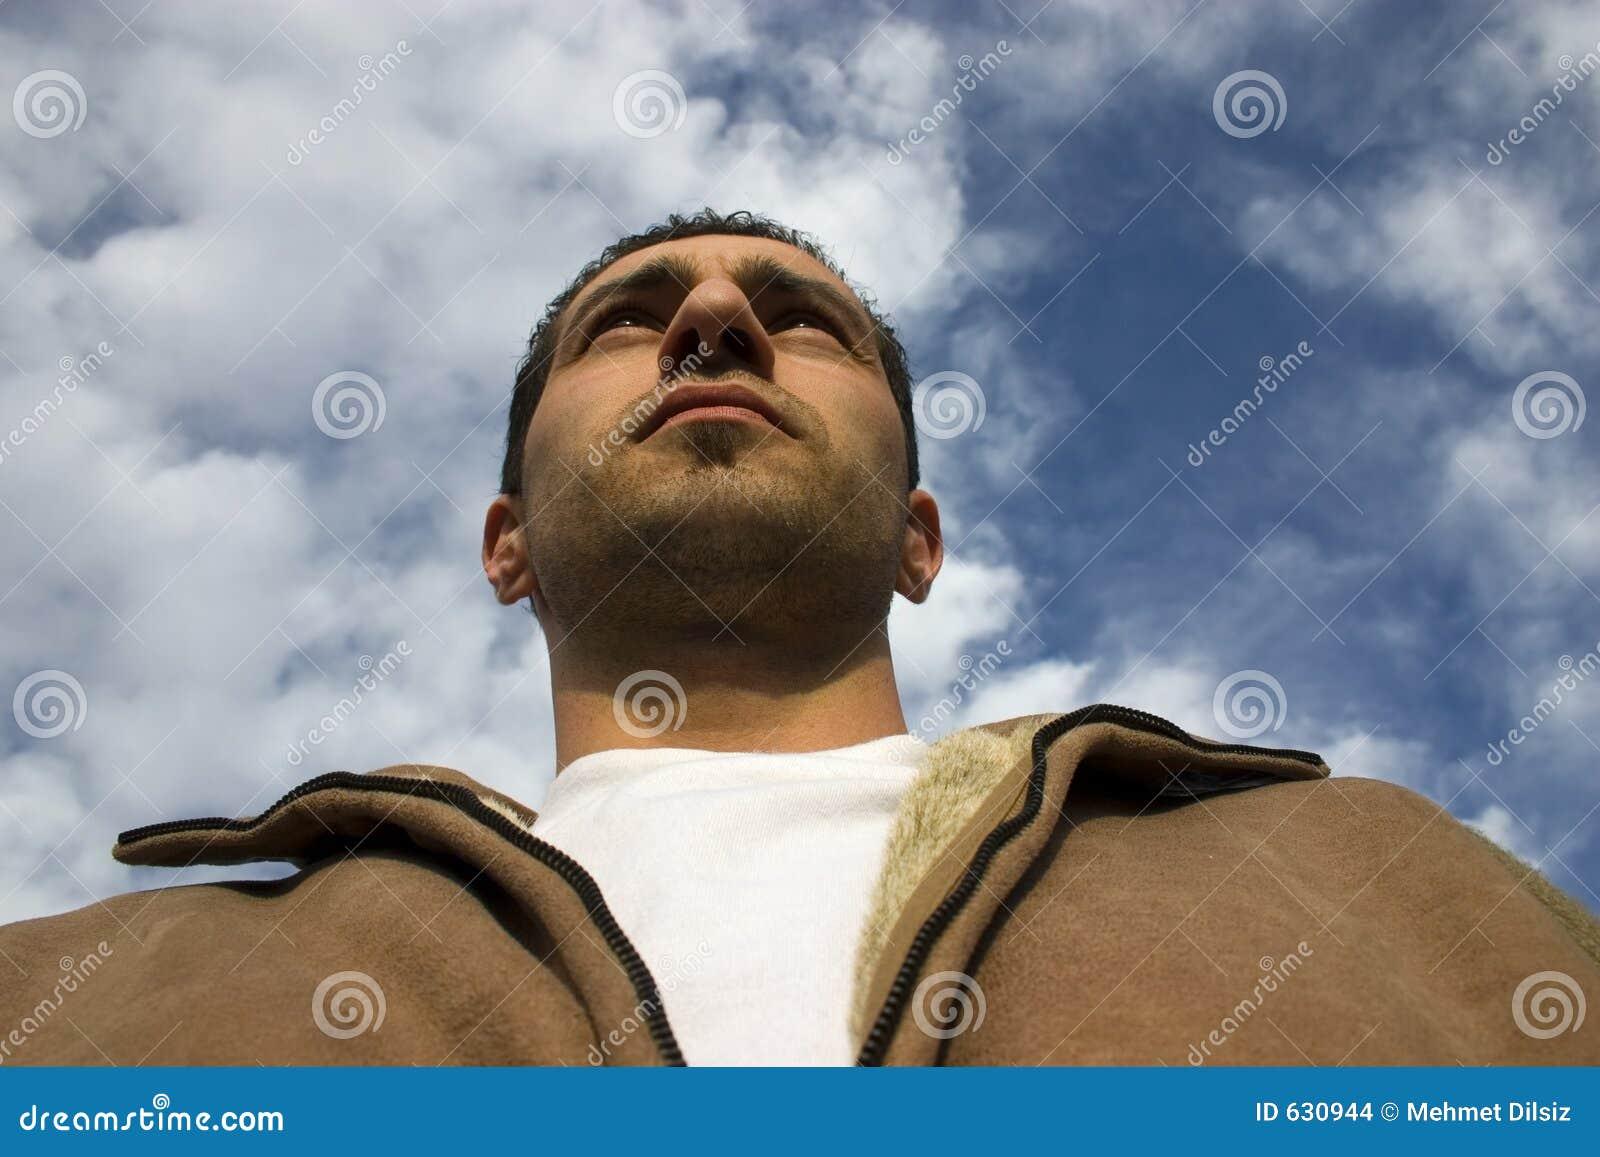 Download облака предпосылки смотря человека вверх Стоковое Фото - изображение насчитывающей concerned, глаз: 630944